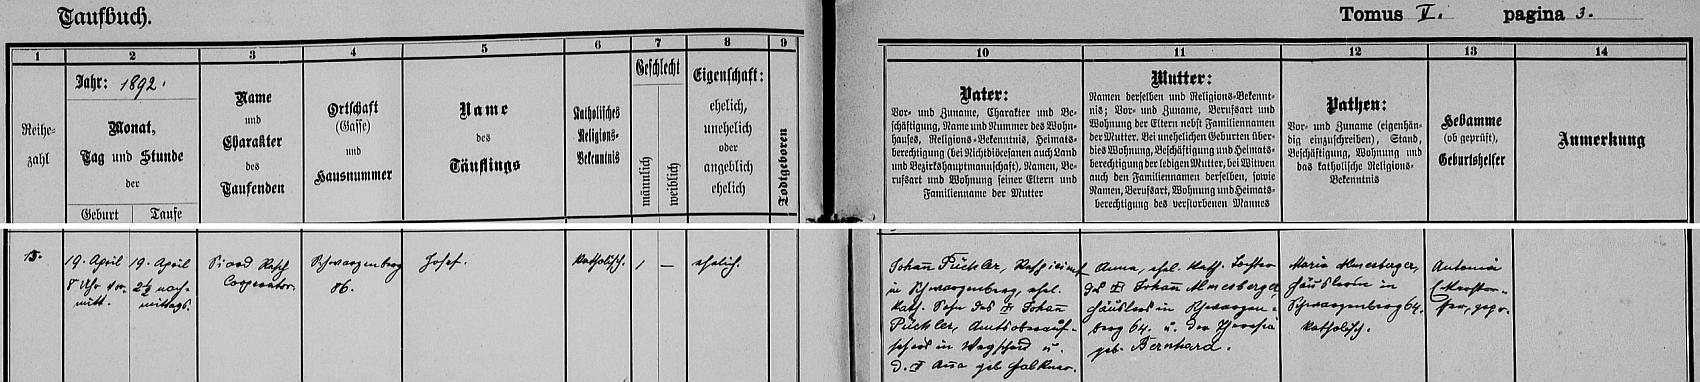 Záznam o jeho narození v křestní matrice farní obce Schwarzenberg nám prozrazuje, že byl pokřtěn jménem Josef